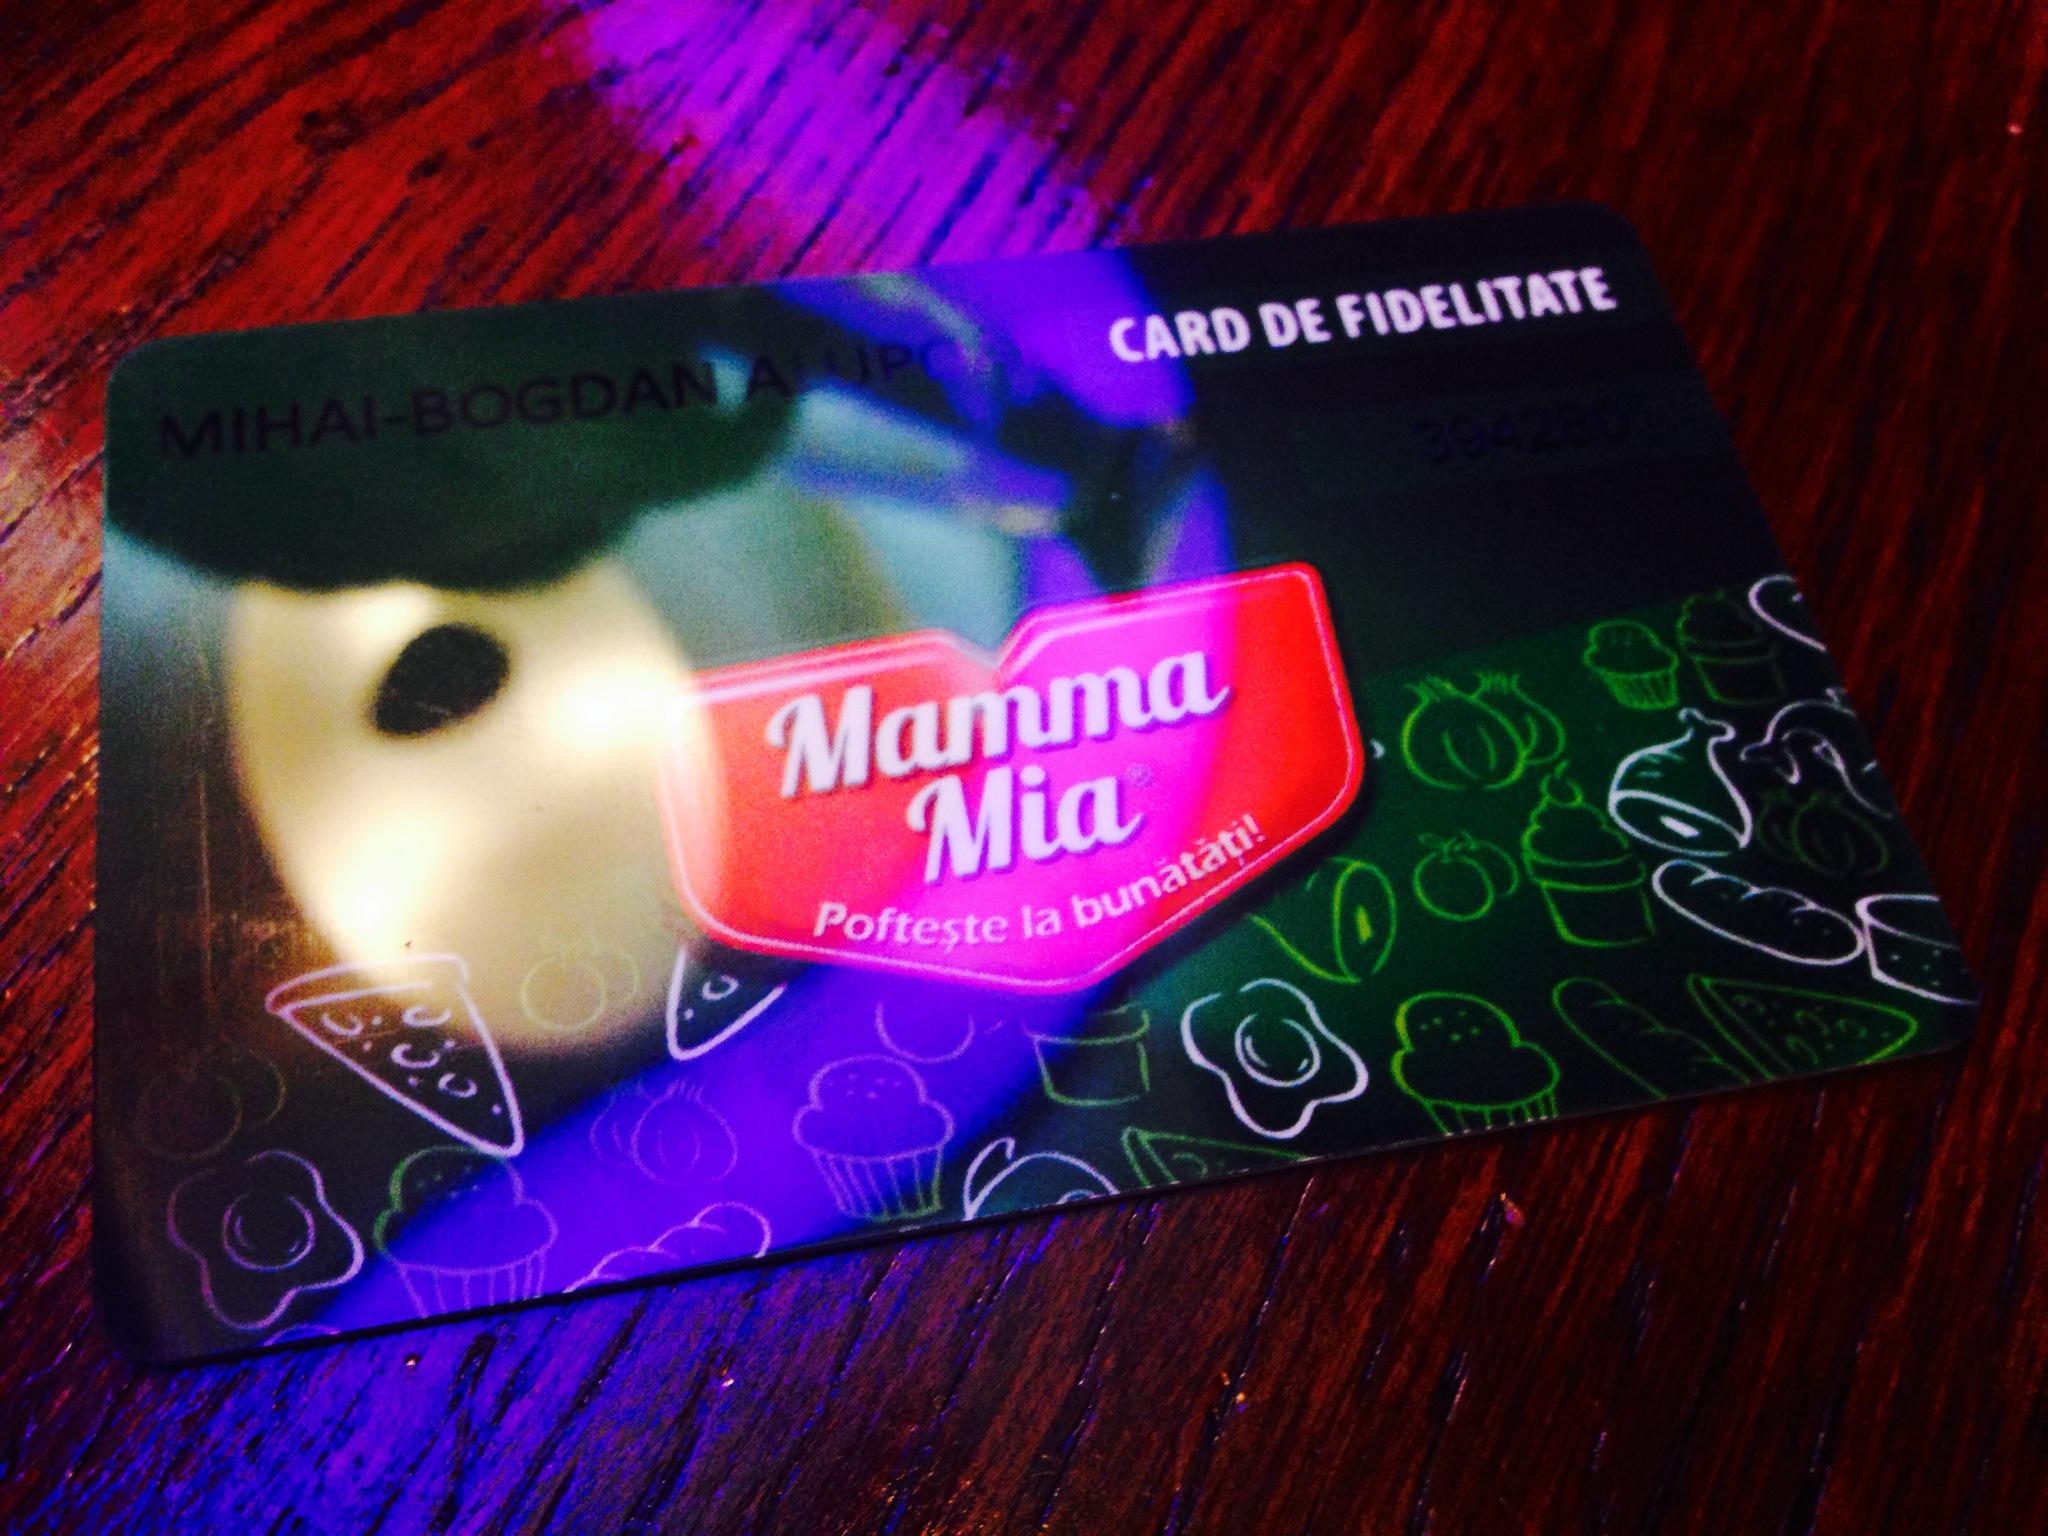 Card fidelizare Mamma Mia